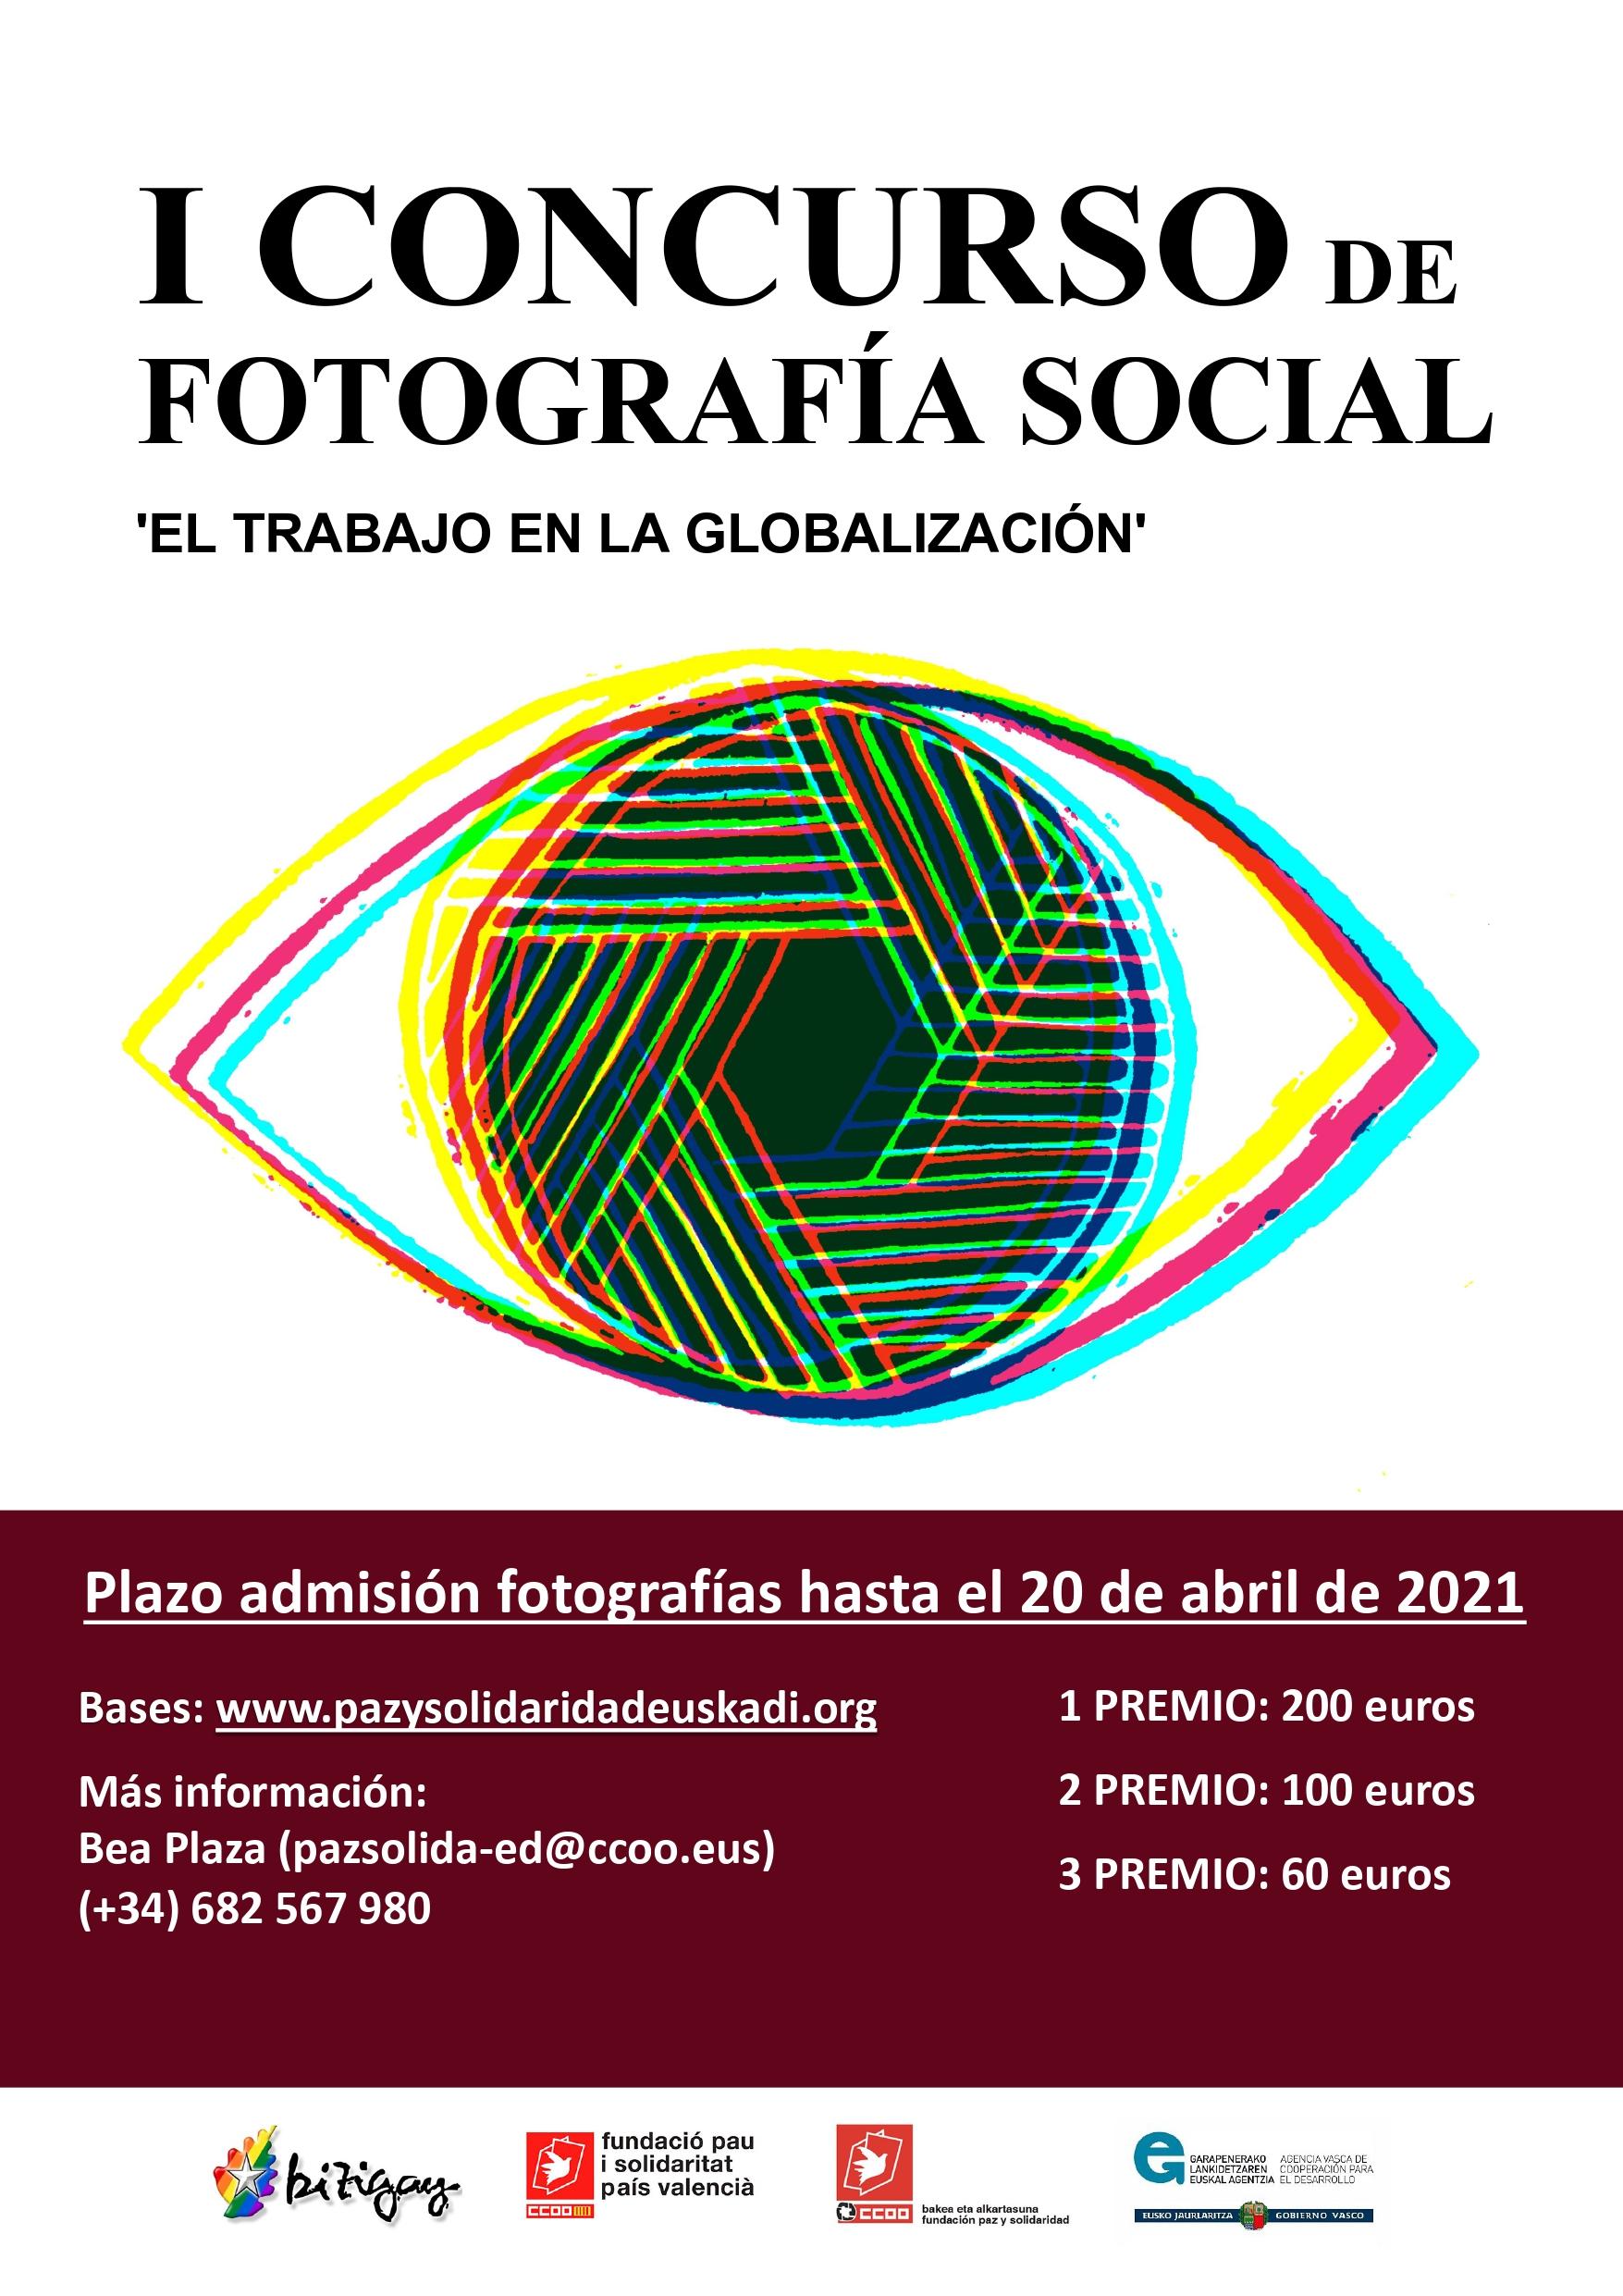 Paz y Solidaridad Euskadi convoca el primer concurso de fotografía social que en esta edición se dedica al trabajo en la globalización